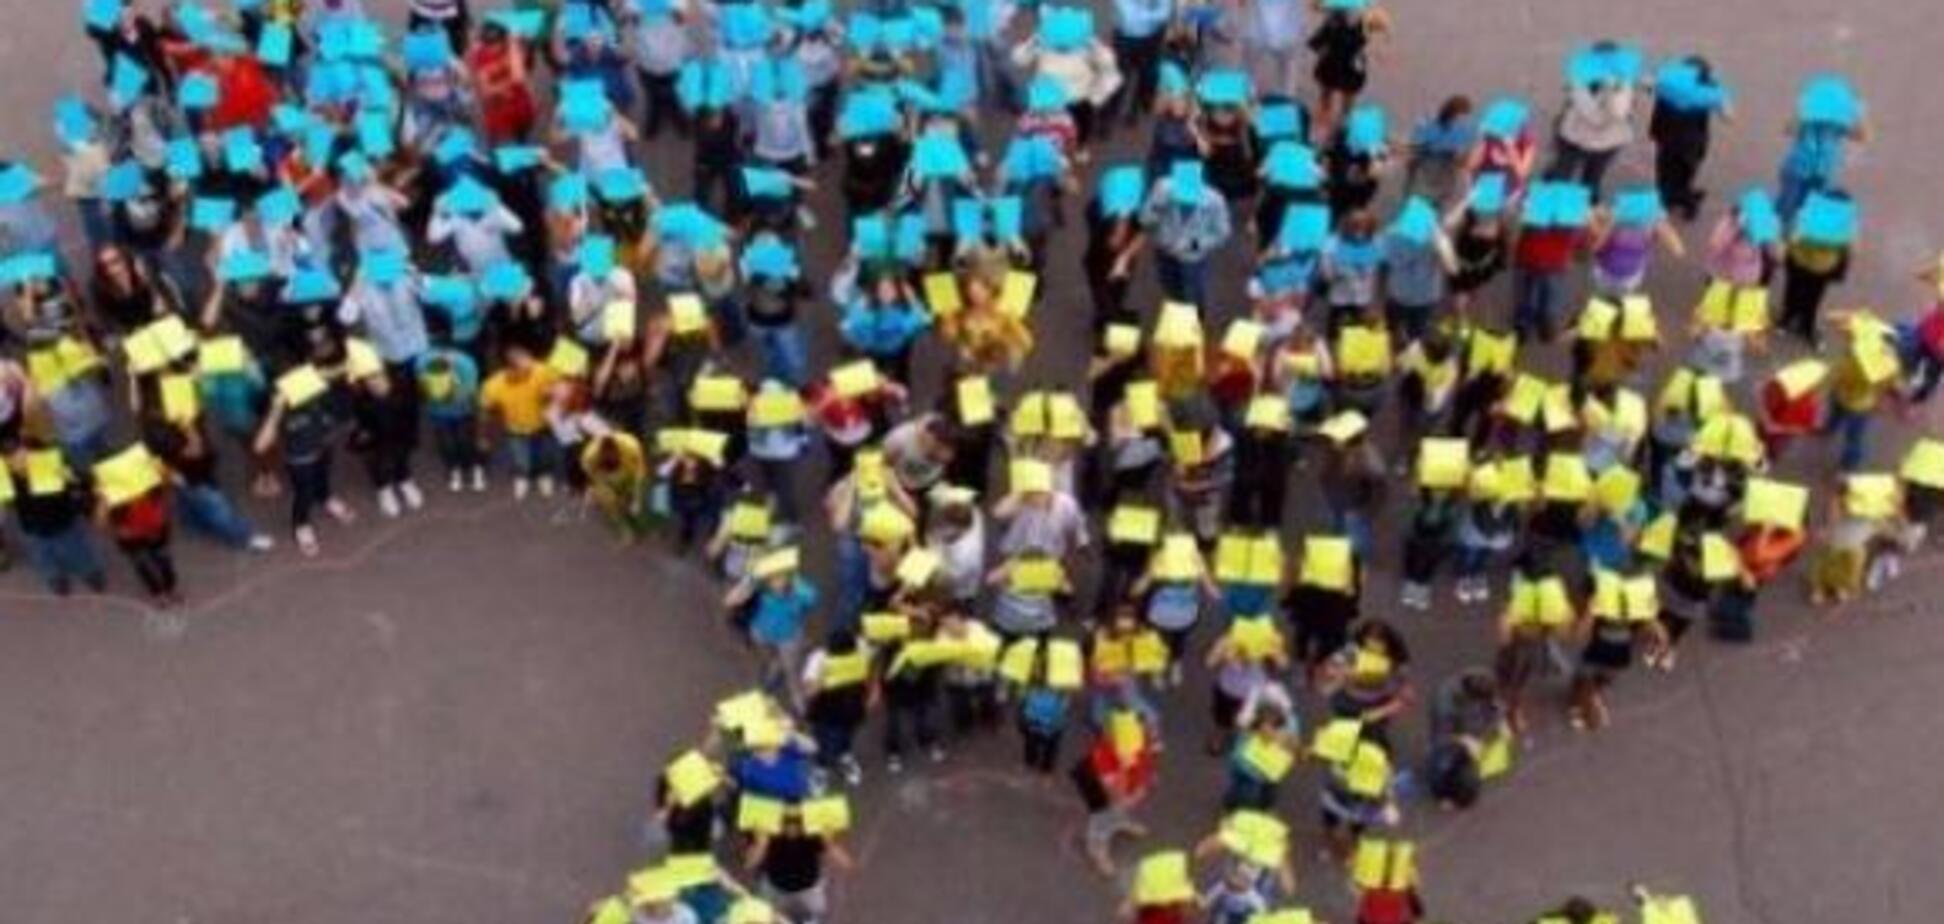 Про необхідність проведення Всеукраїнського перепису населення напередодні виборів